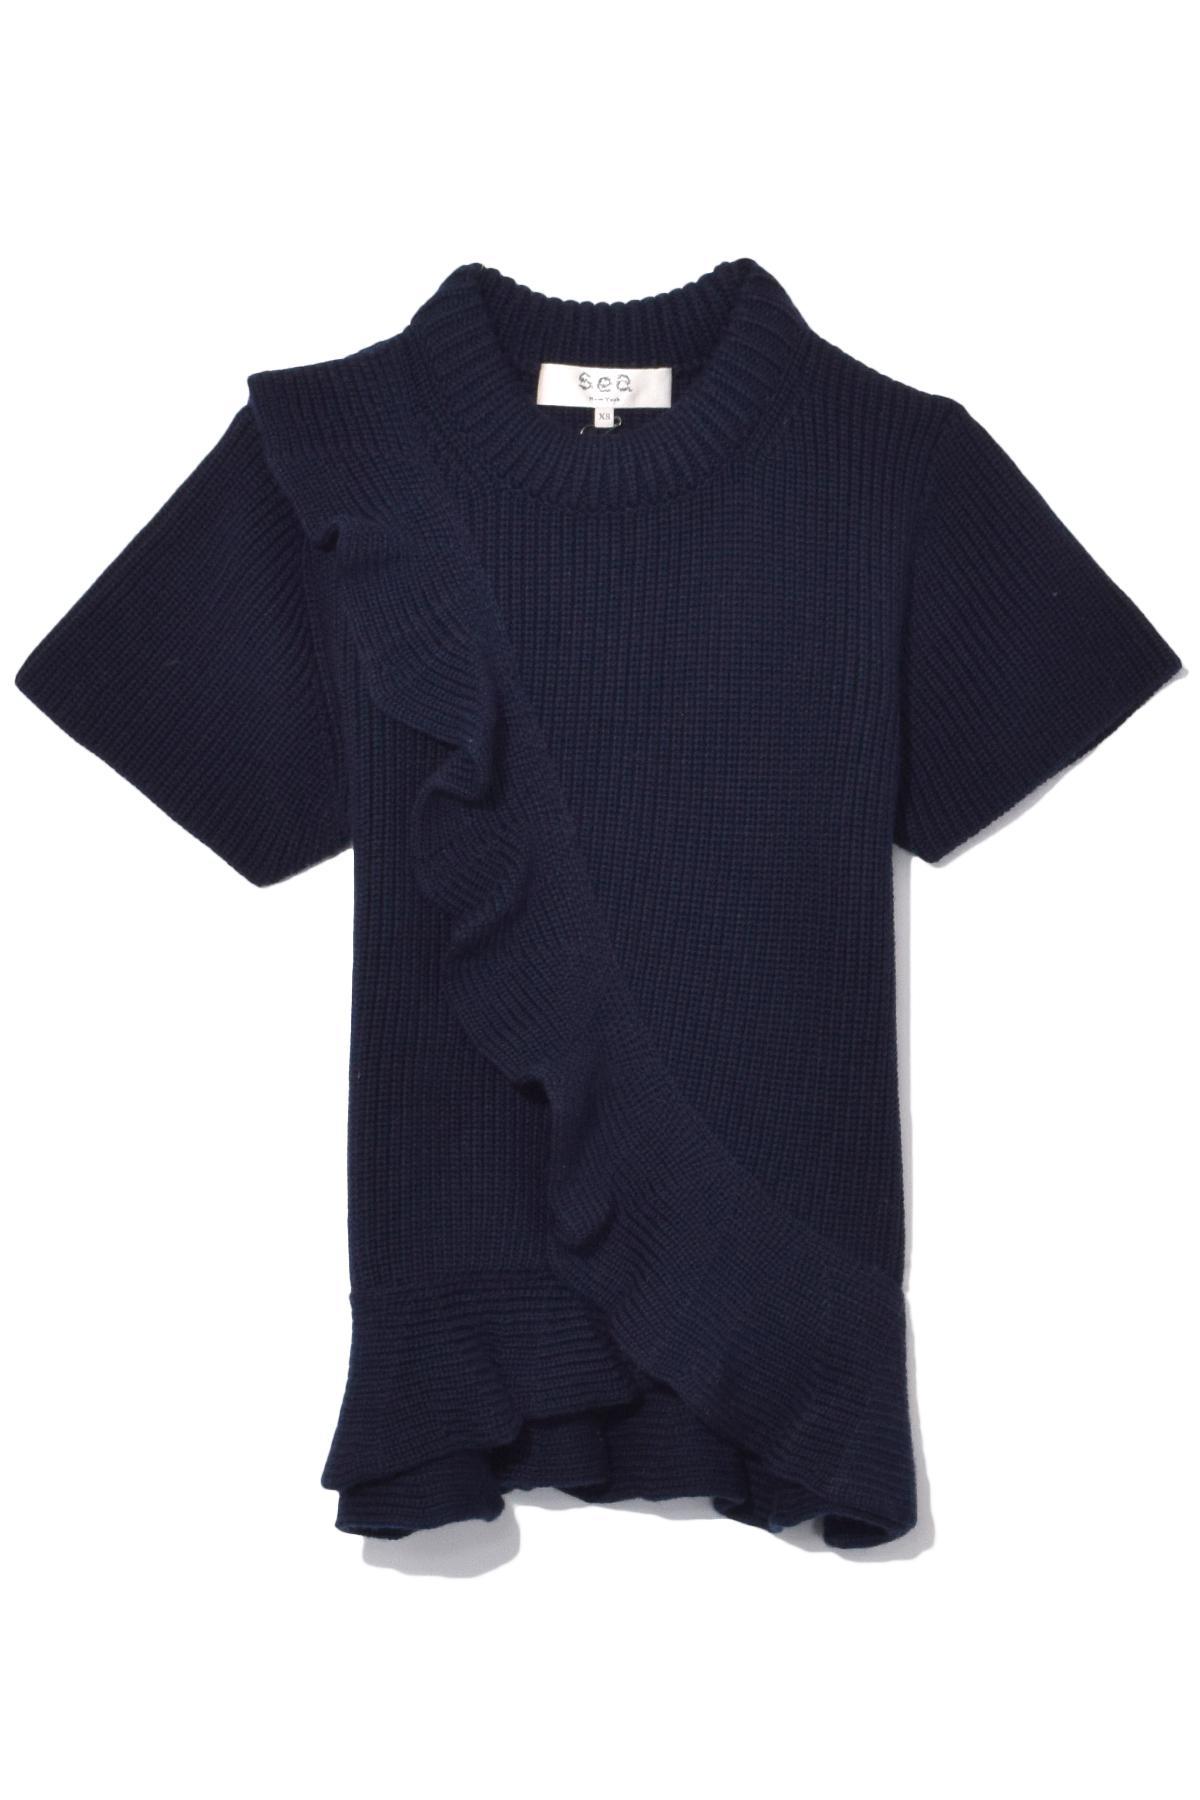 Sea Short Sleeve Ruffle Sweater In Navy in Blue | Lyst